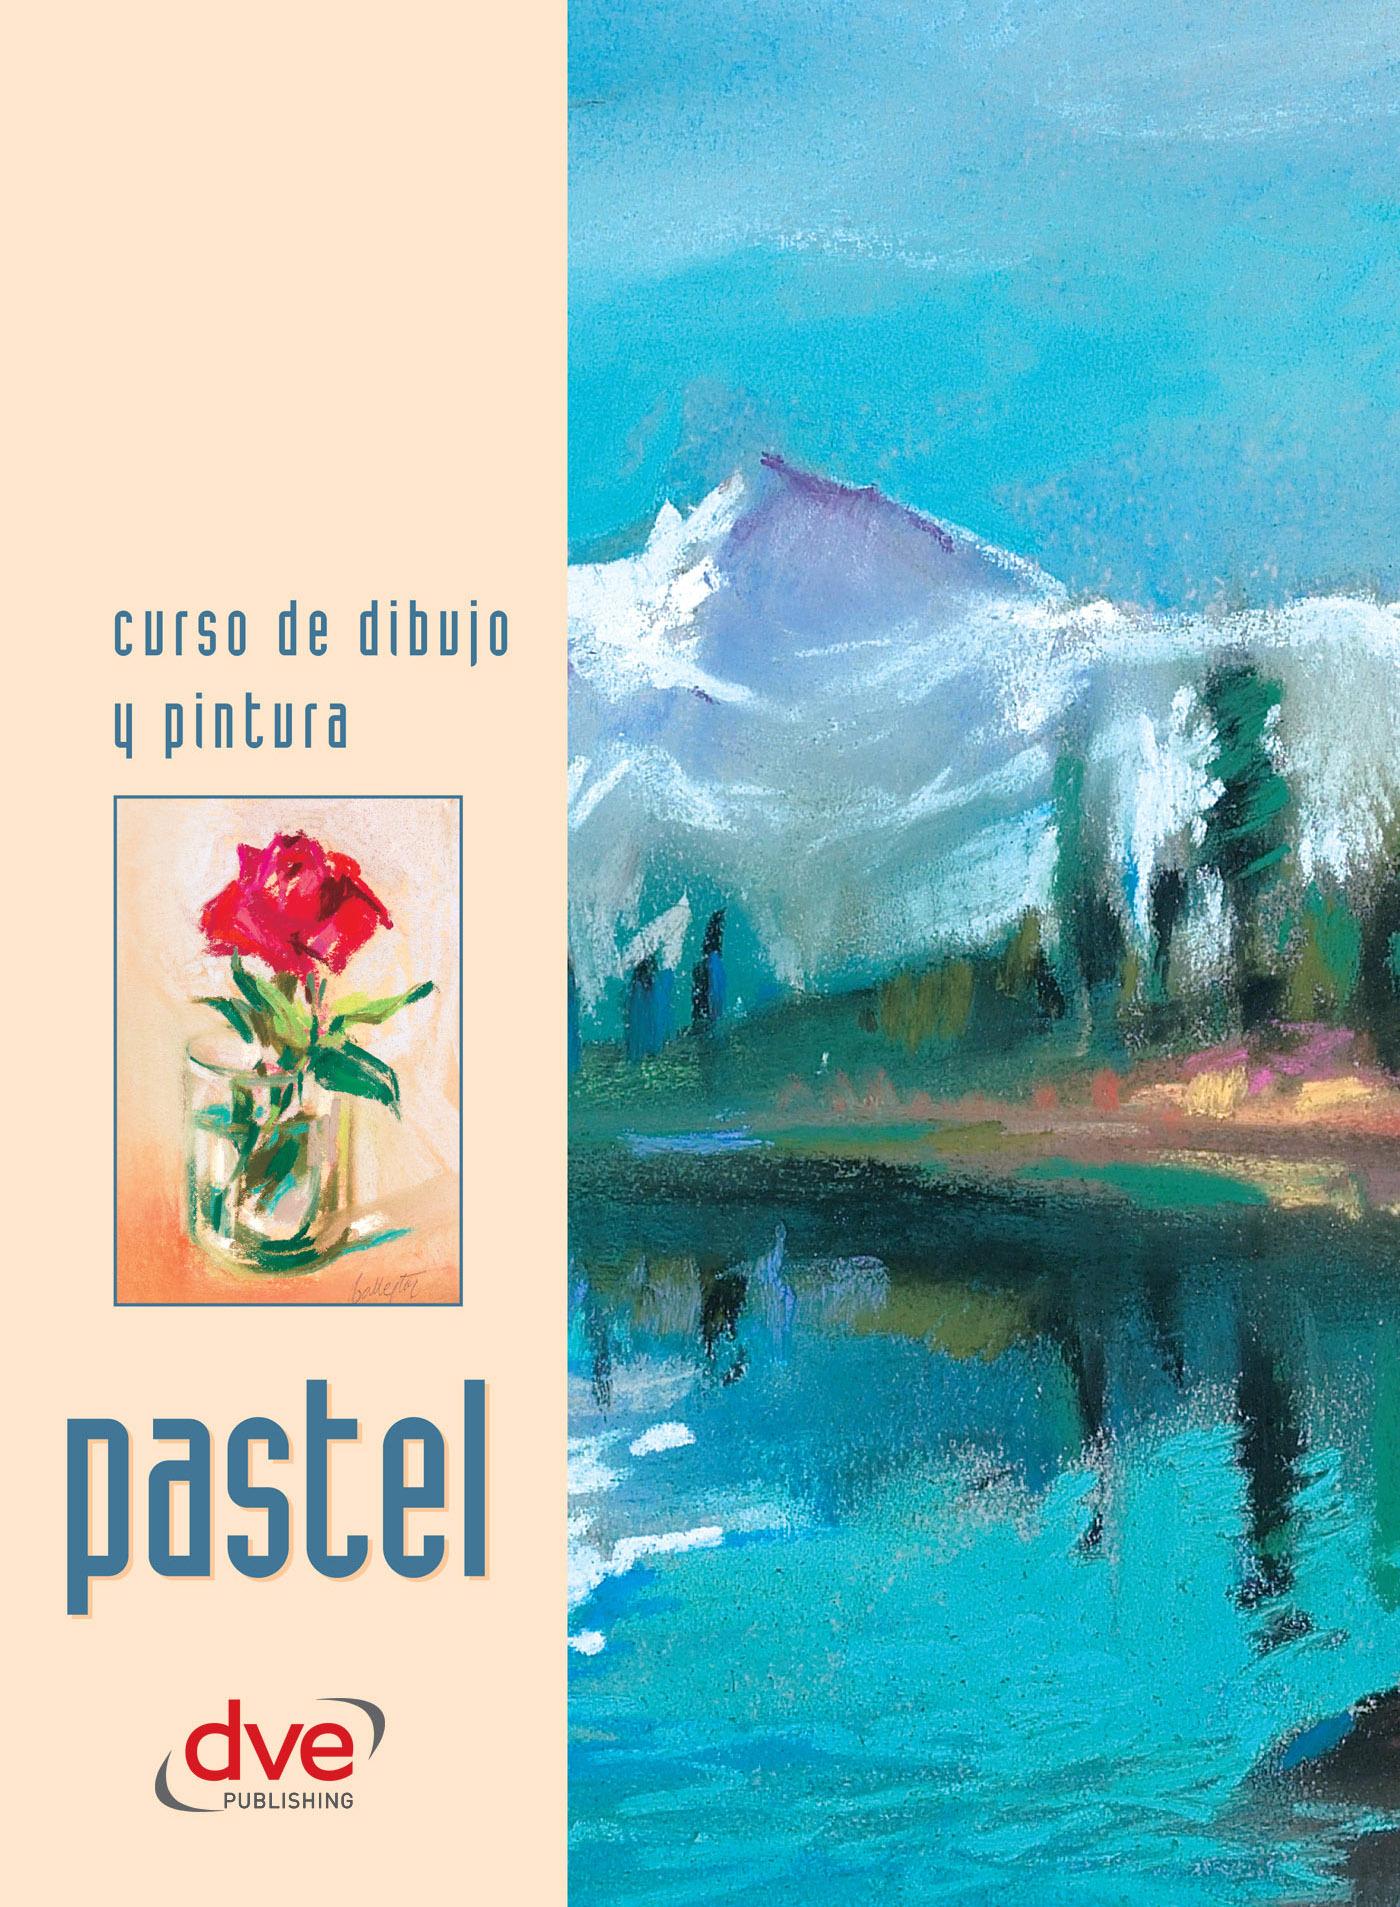 autores, Varios autores Varios - Curso de dibujo y pintura. Pastel, ebook